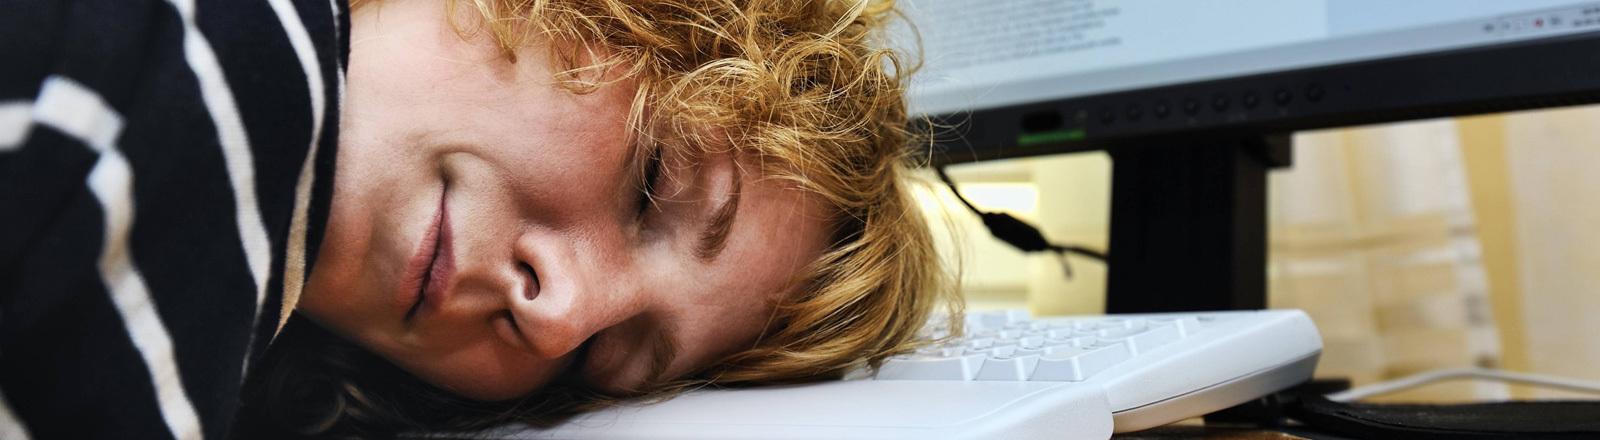 Eine Frau hat ihren Kopf auf eine Computertastatur gelegt und schläft.